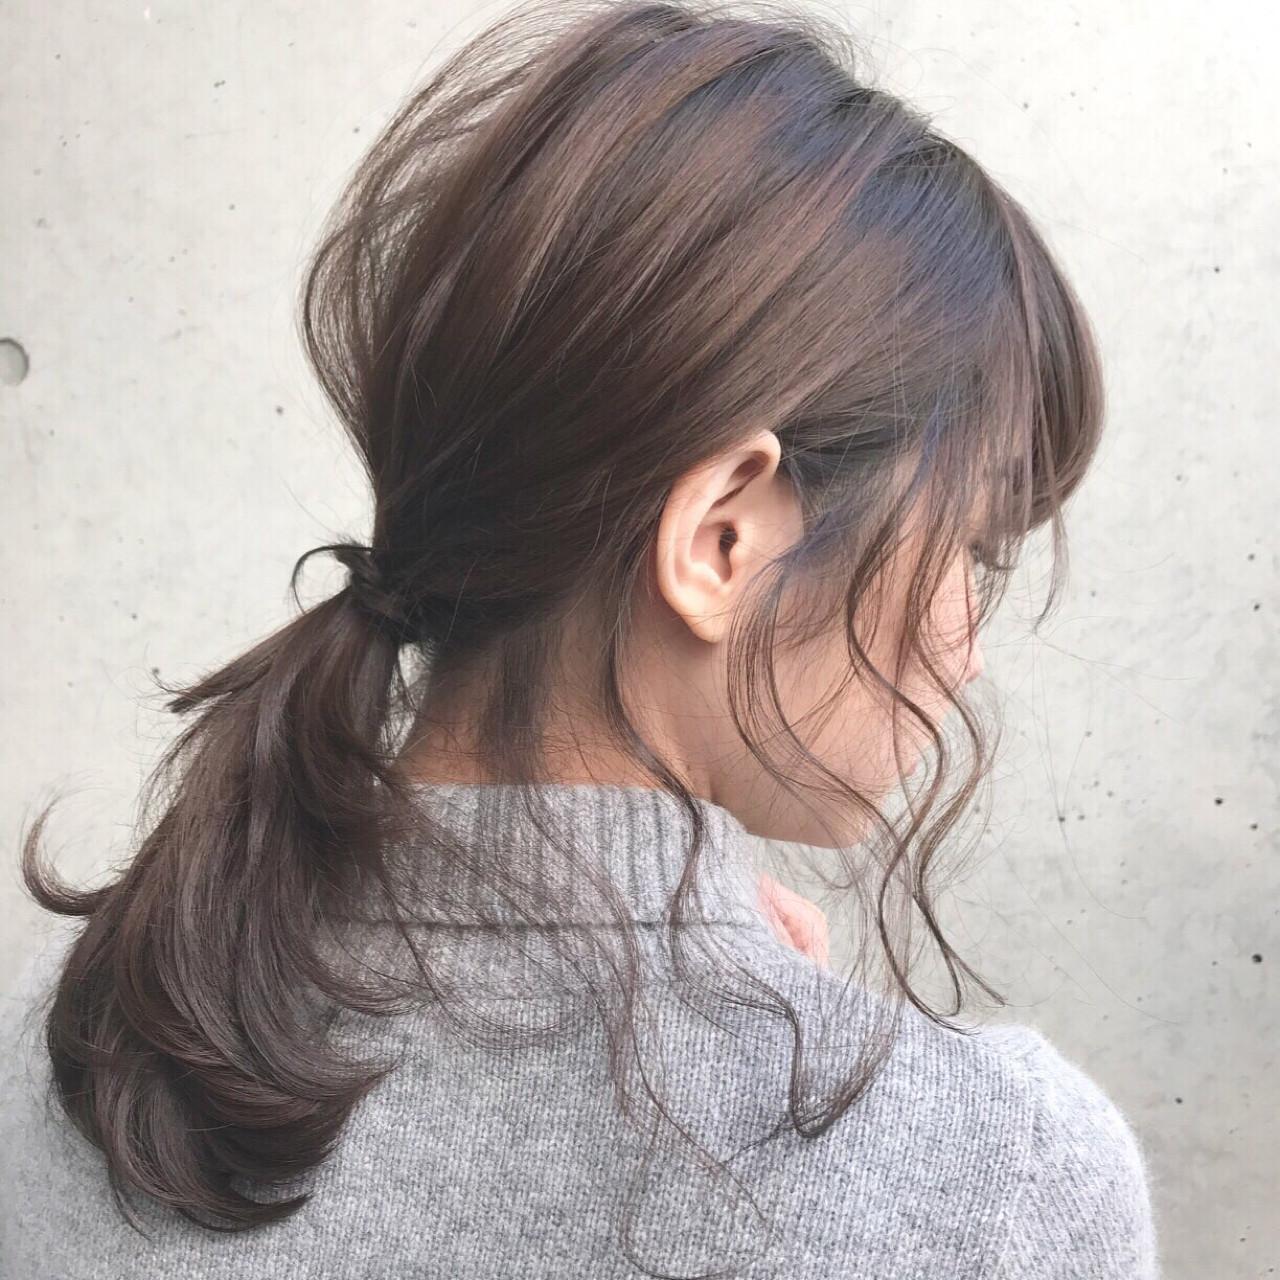 ゴムを隠すだけの、簡単アレンジ Daichi shimazu | hairsalon M 新宿